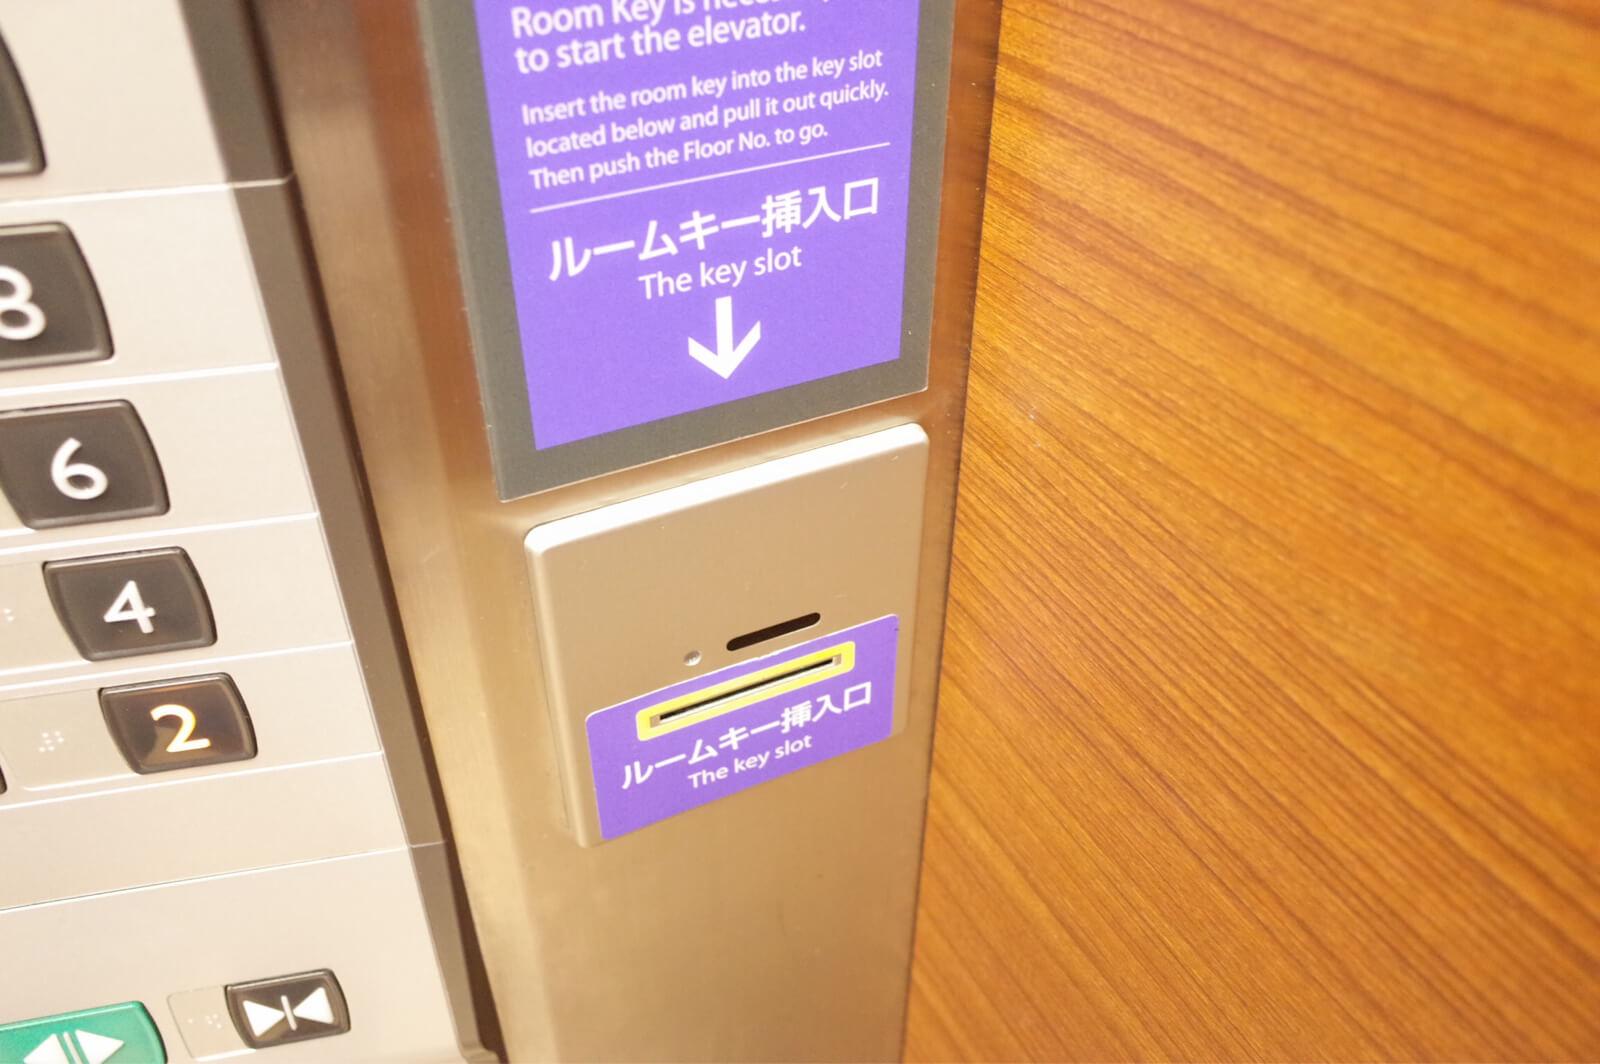 ダイワロイネット 大阪上本町 エレベーター